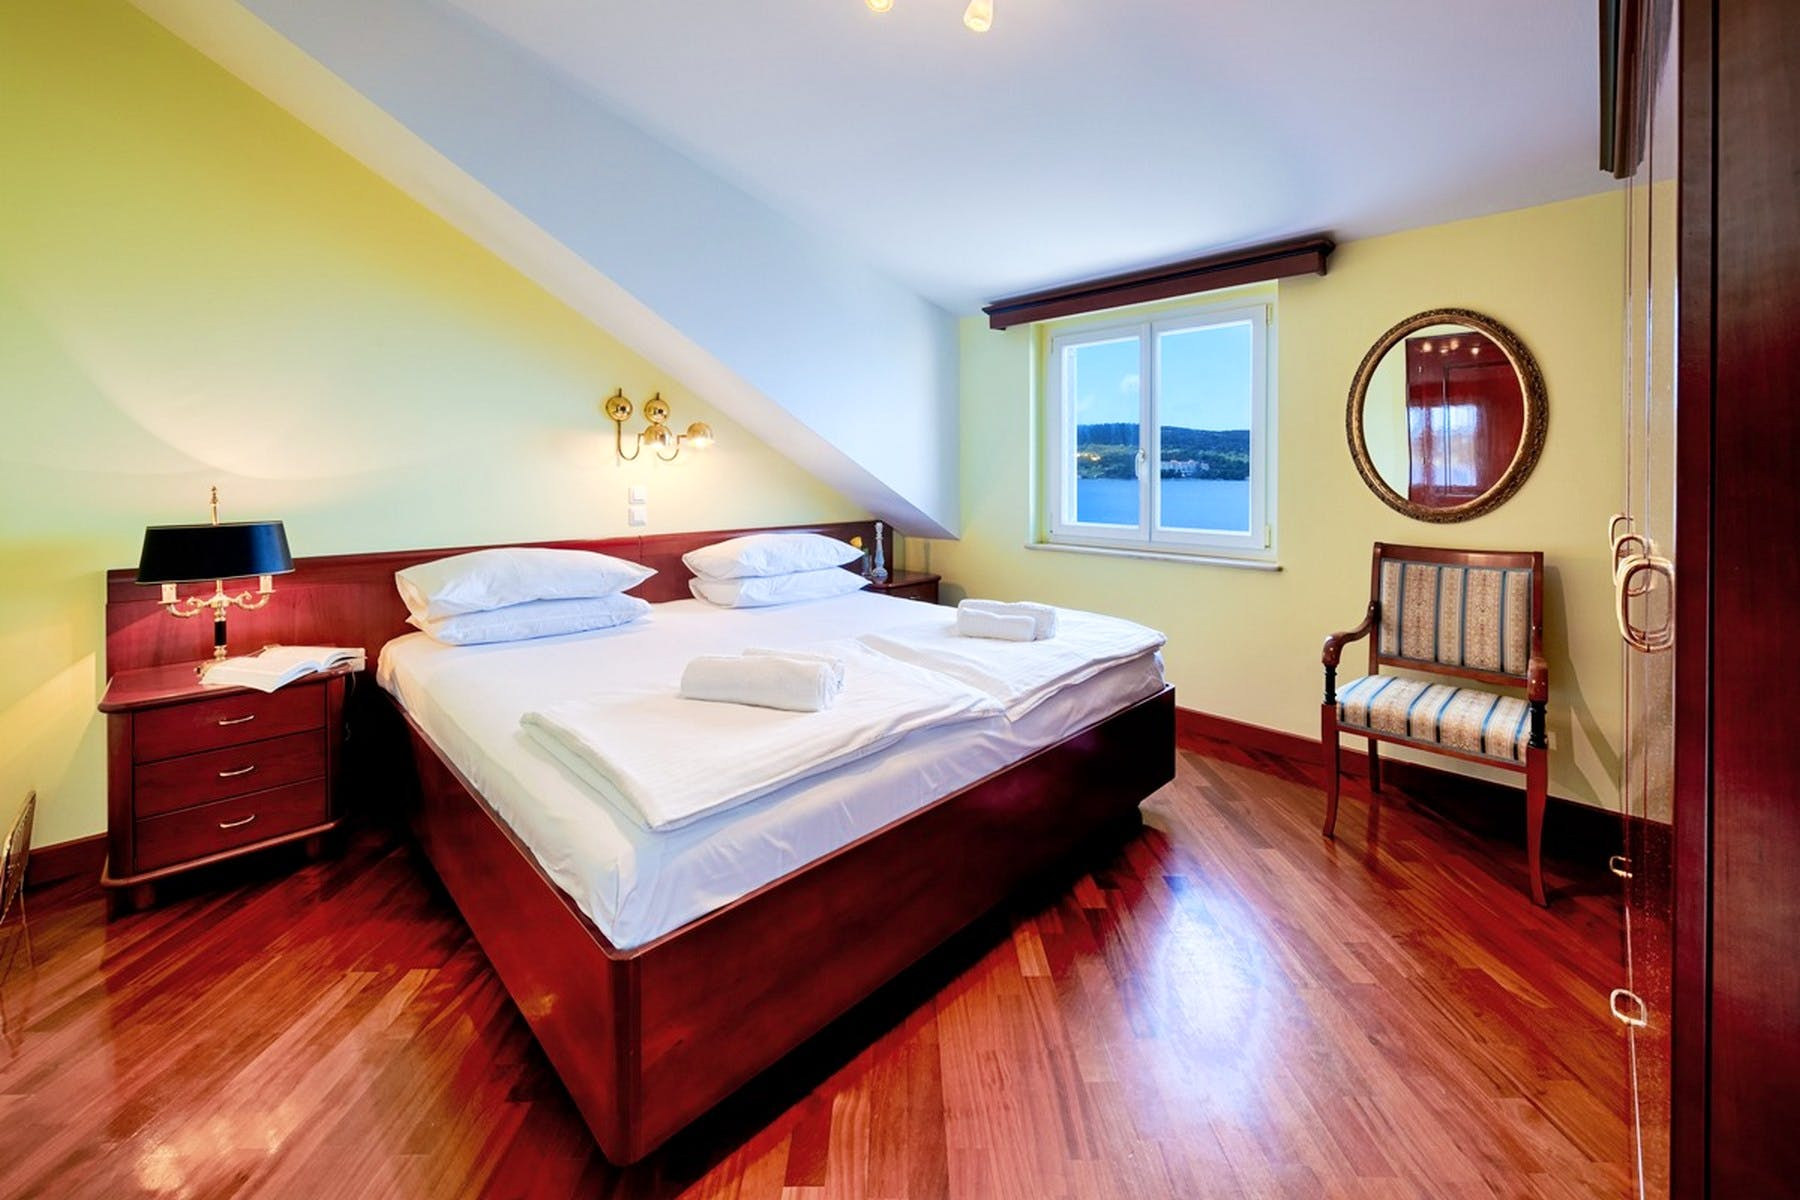 Spavaća soba s brojnim drvenim detaljima